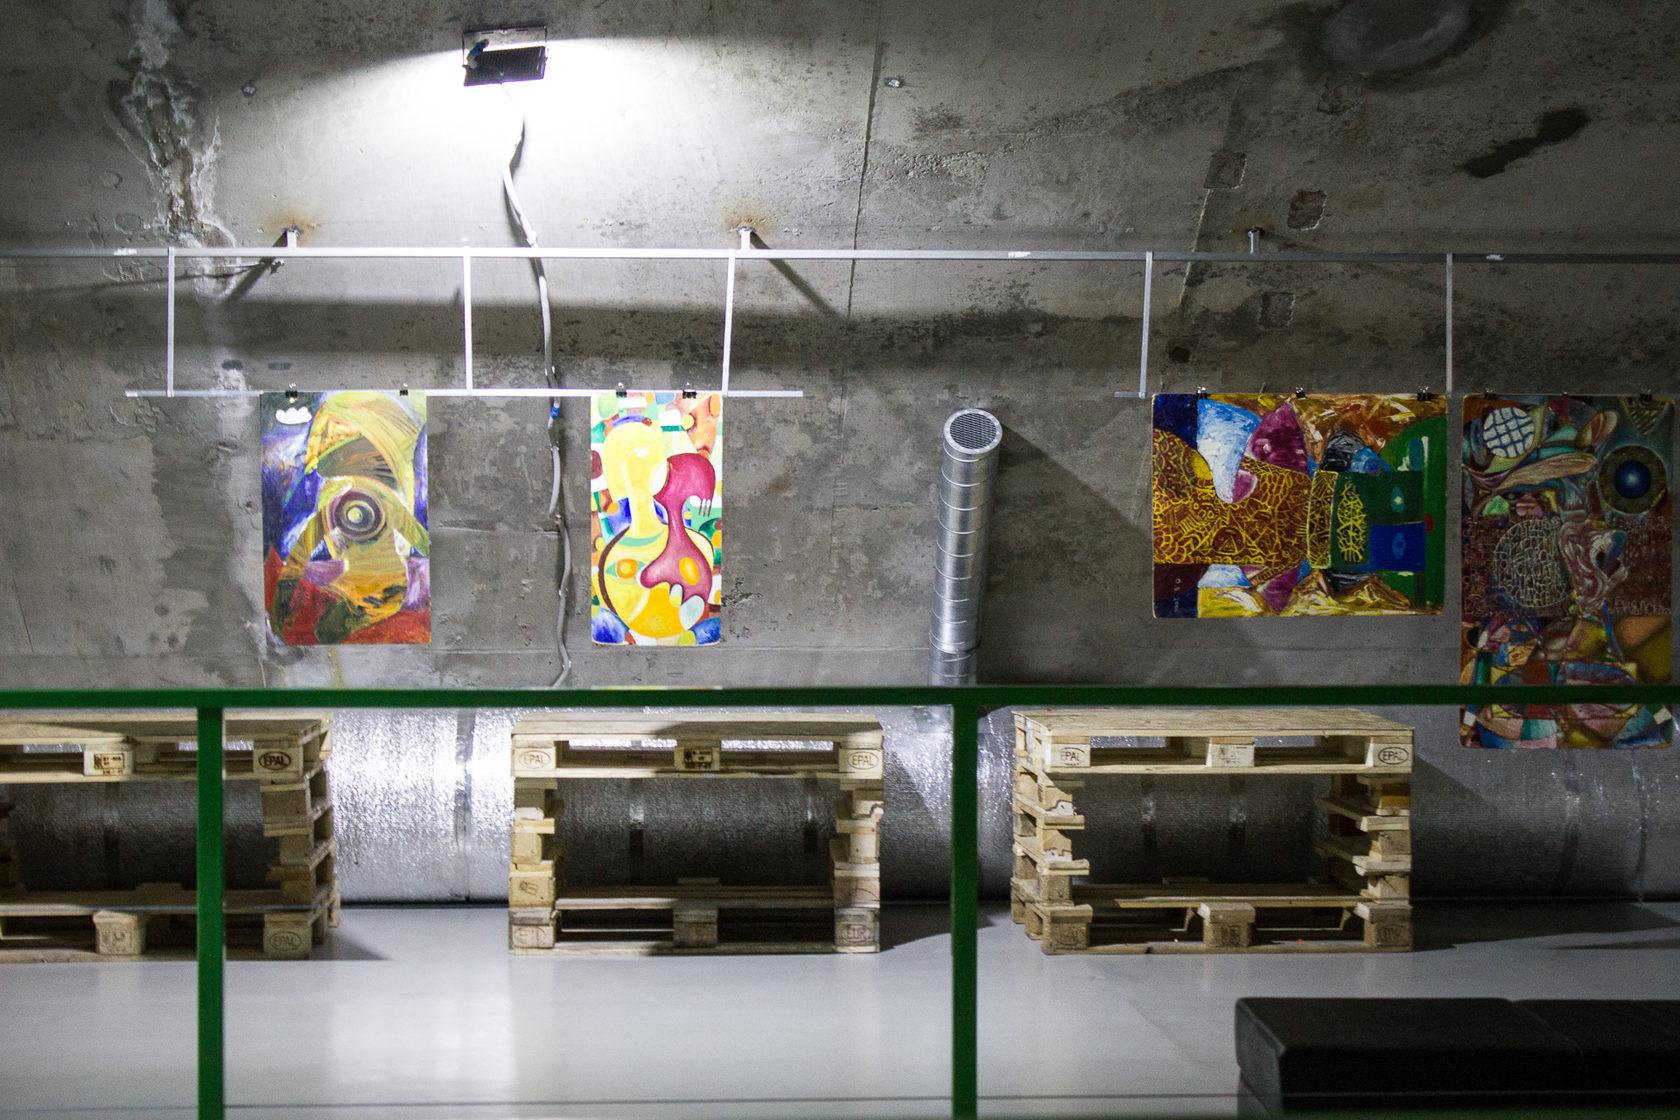 Выставка Олега Волова в лофт-парке «Подземка», Новосибирск, 2018.